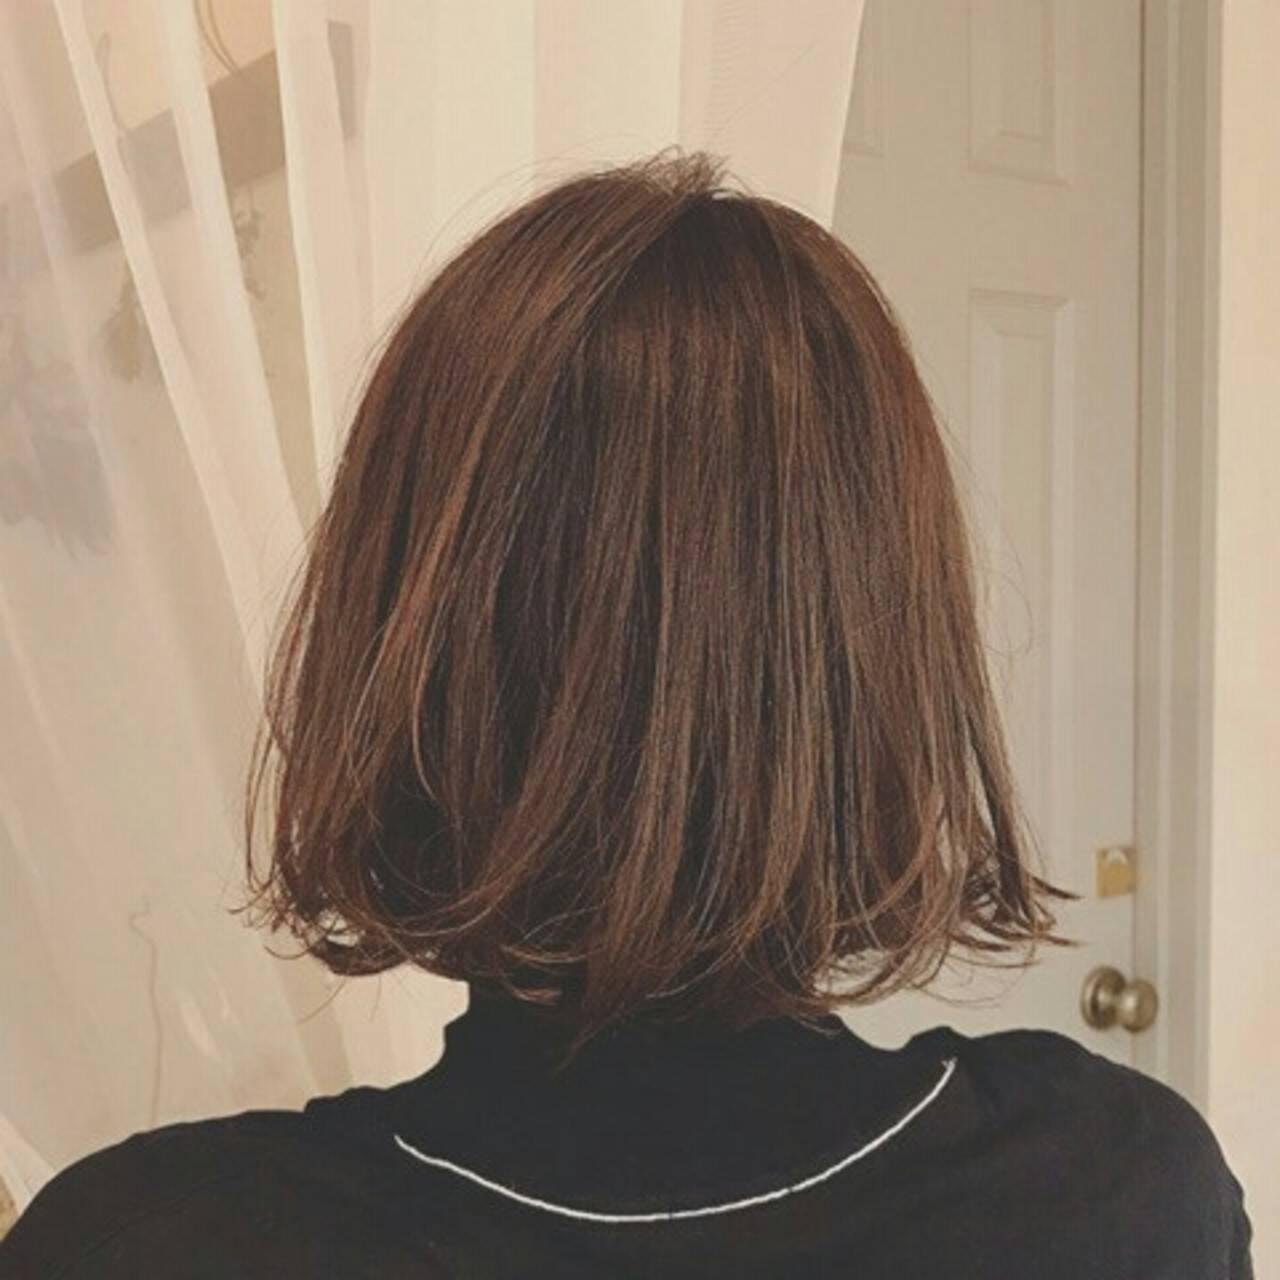 秋 ボブ 外国人風 冬ヘアスタイルや髪型の写真・画像